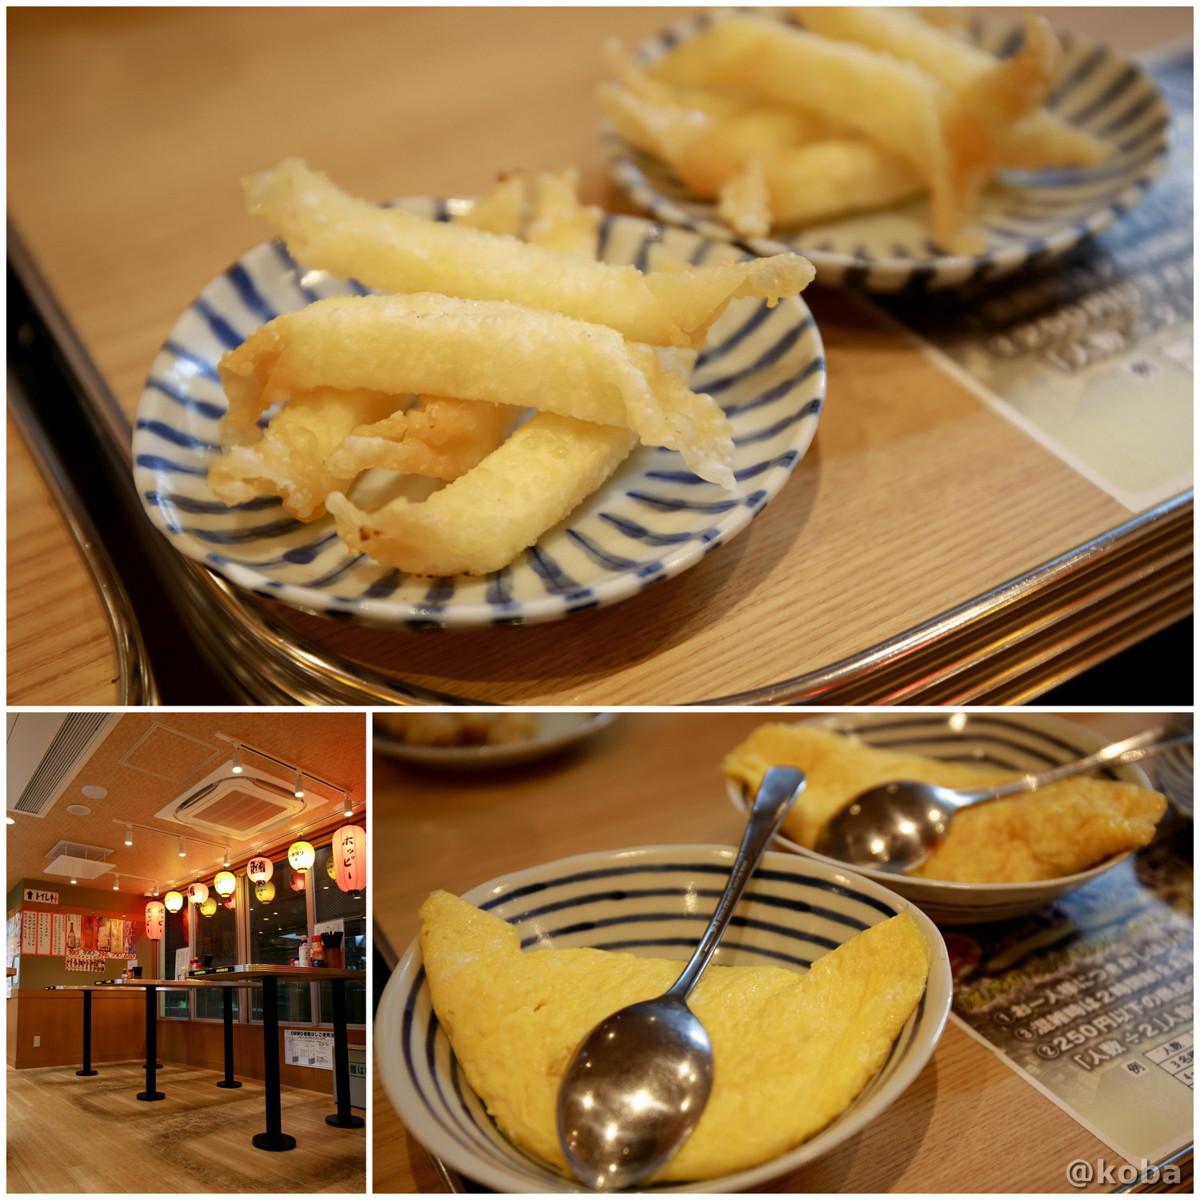 チーズカリカリ150円×2 納豆オムレツ150円×2 亀戸 晩杯屋(バンパイヤ)激安居酒屋 立呑み&テーブル席